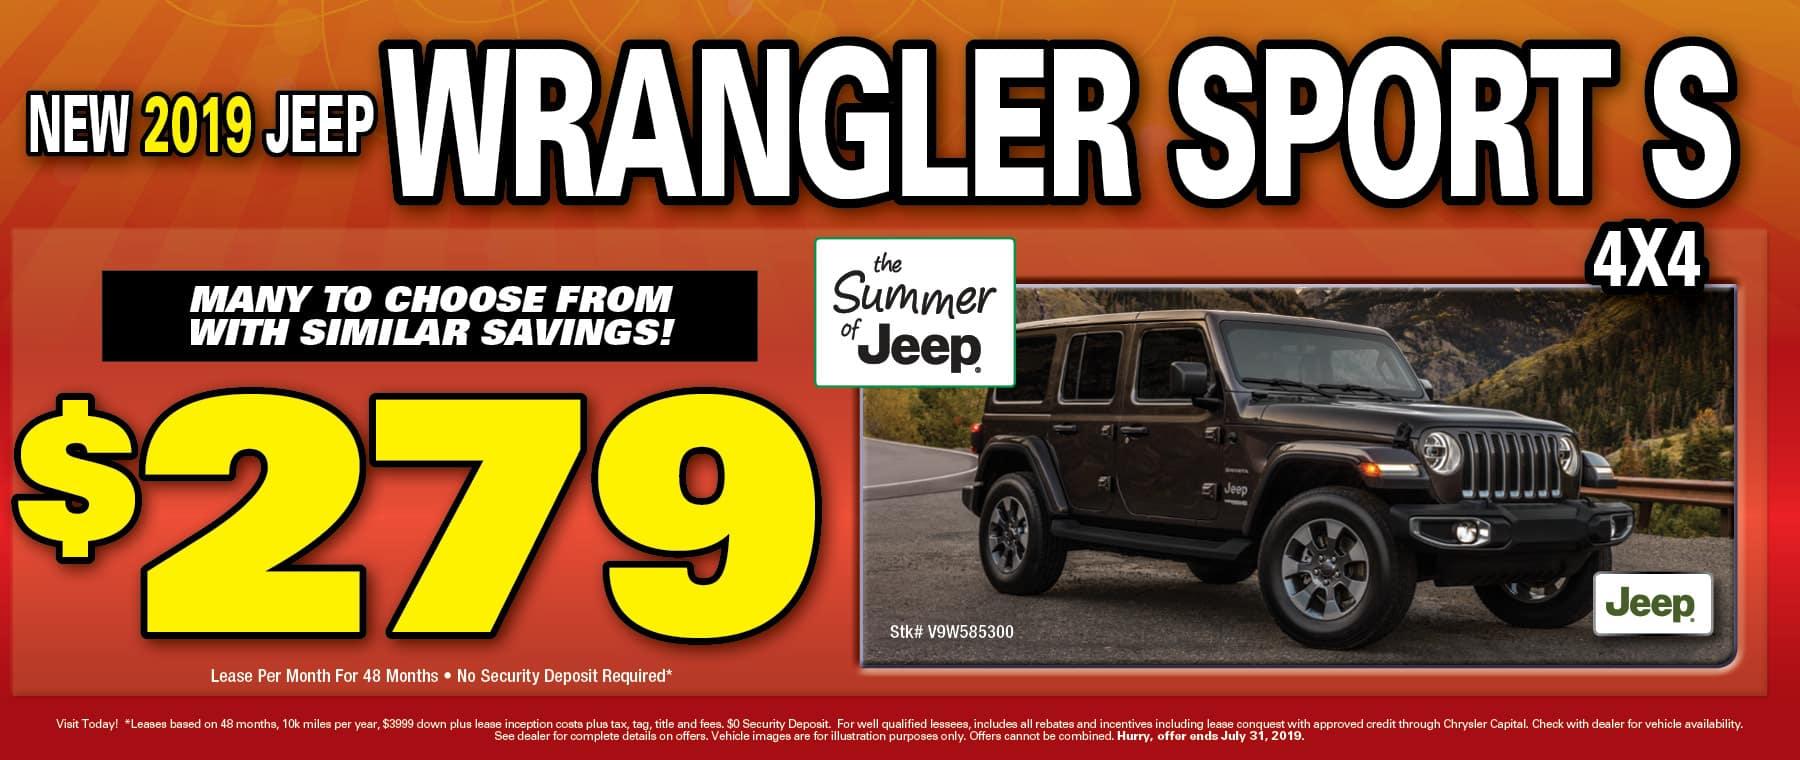 2019 Jeep Wrangler S